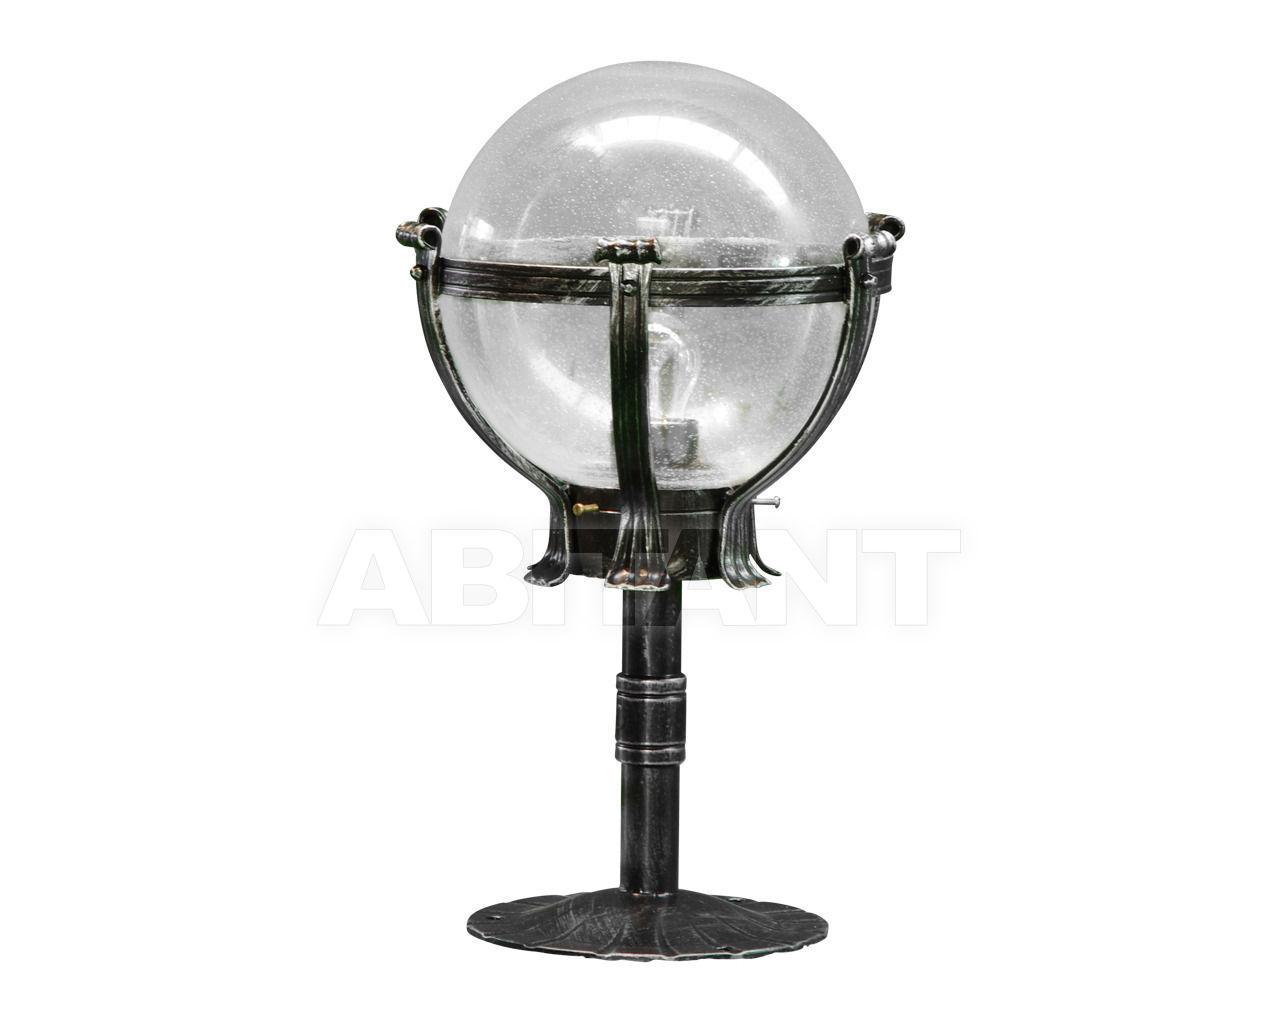 Купить Садовый светильник FMB Leuchten Schmiedeeisen Lampen Und Leuchten 90401